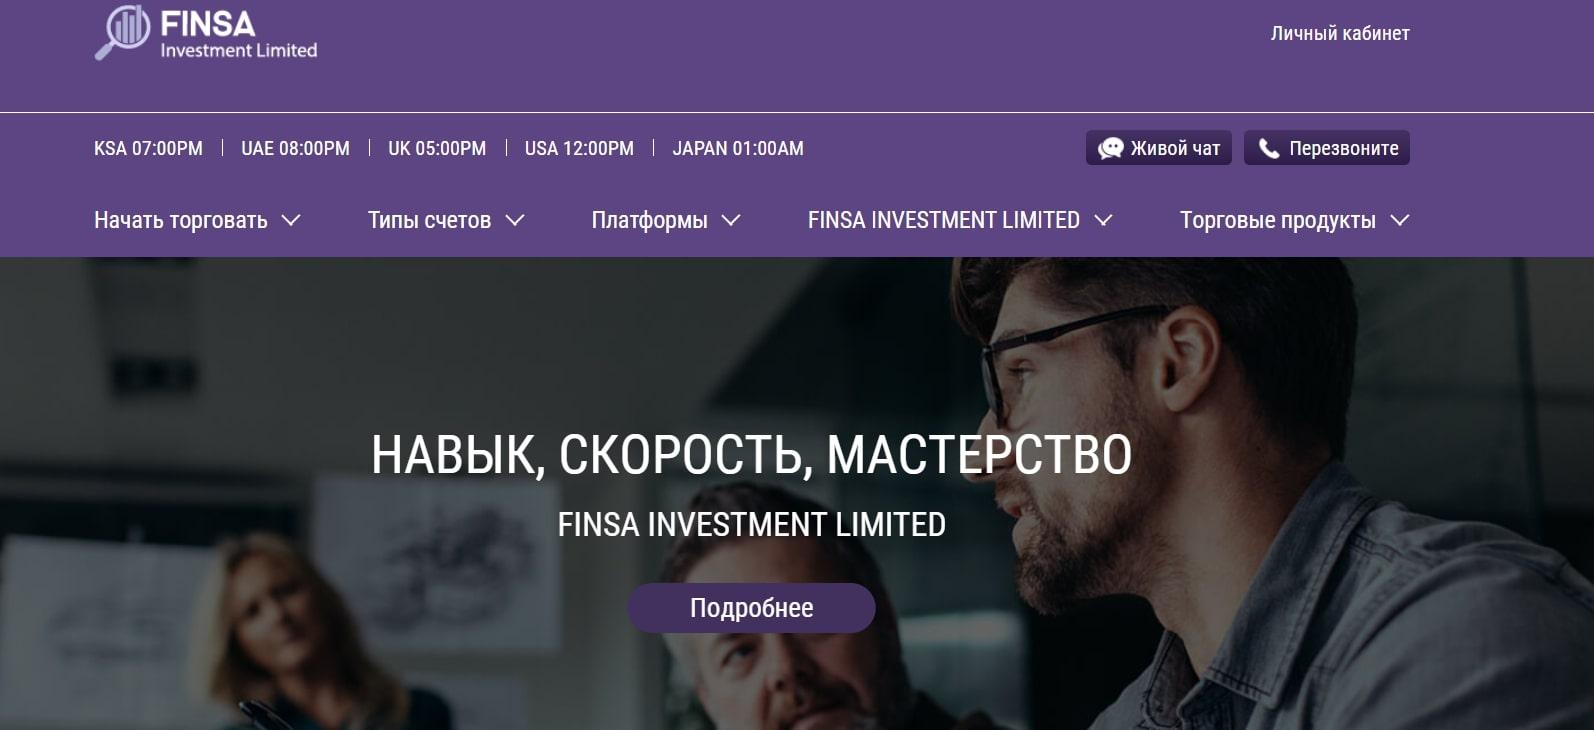 Finsa Investment Limited: отзывы реальных клиентов, особенности сотрудничества реальные отзывы